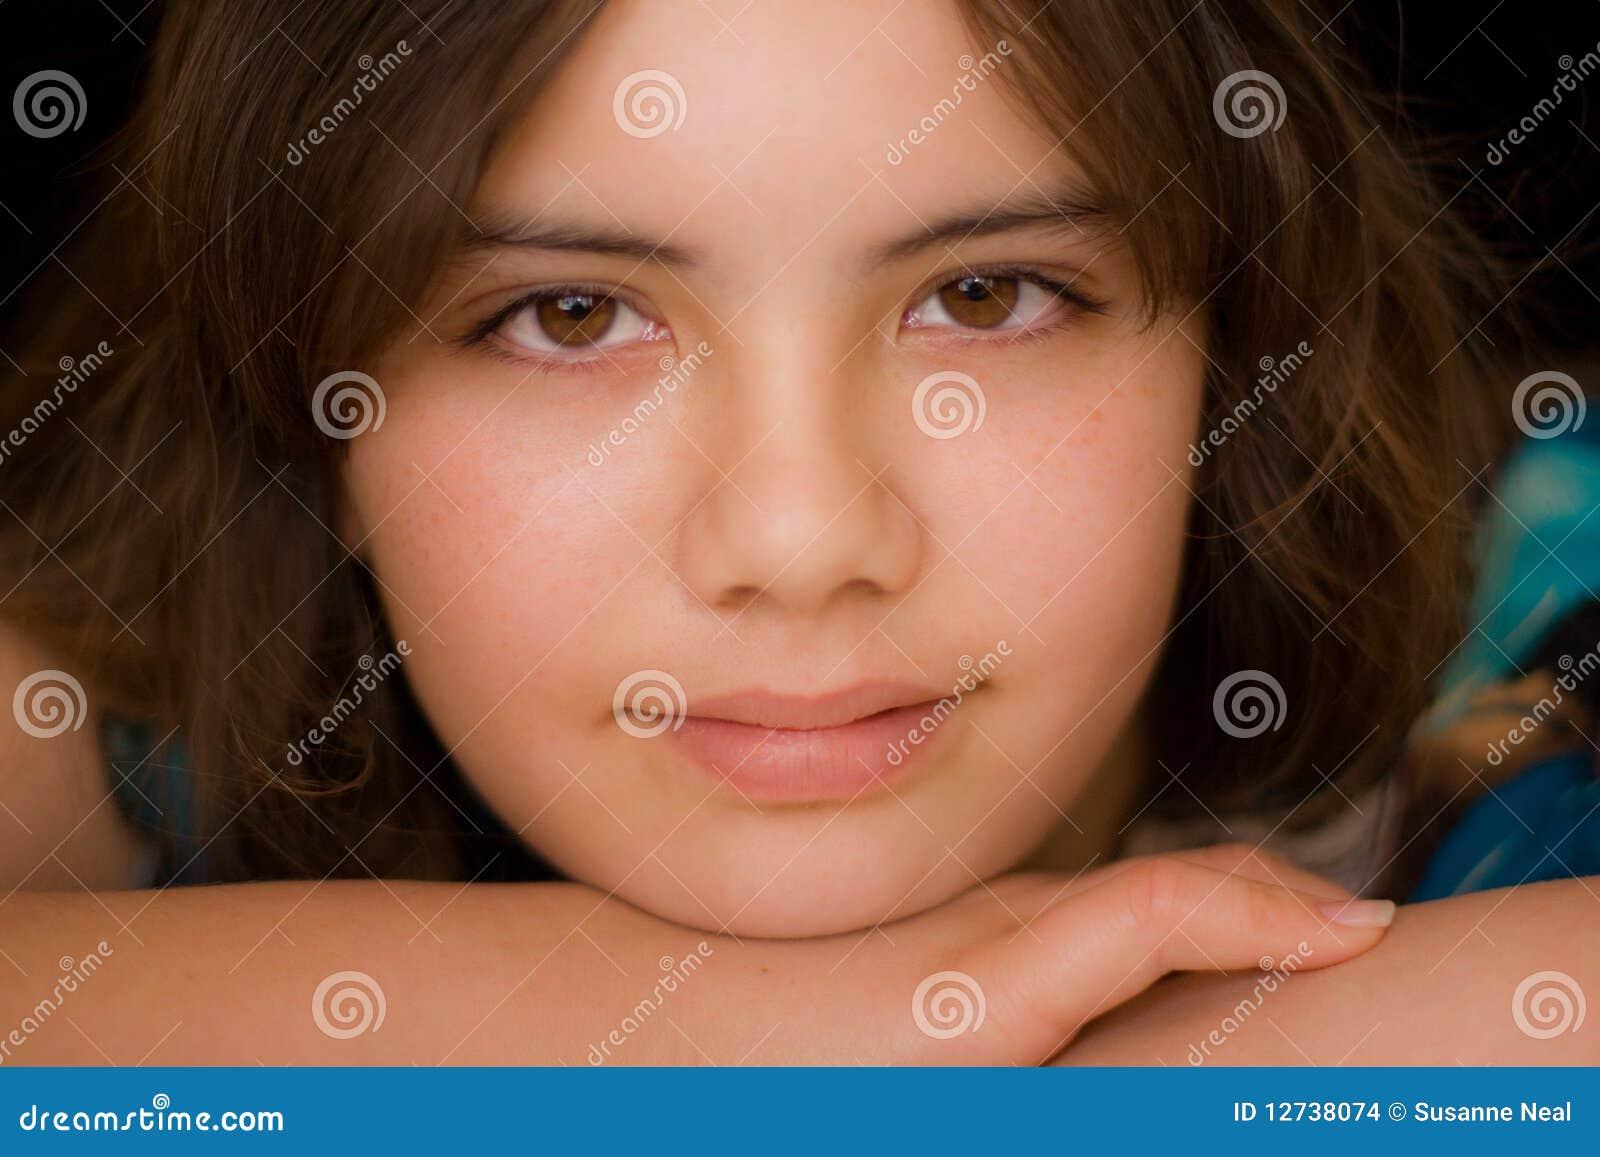 Closeup Teens 71